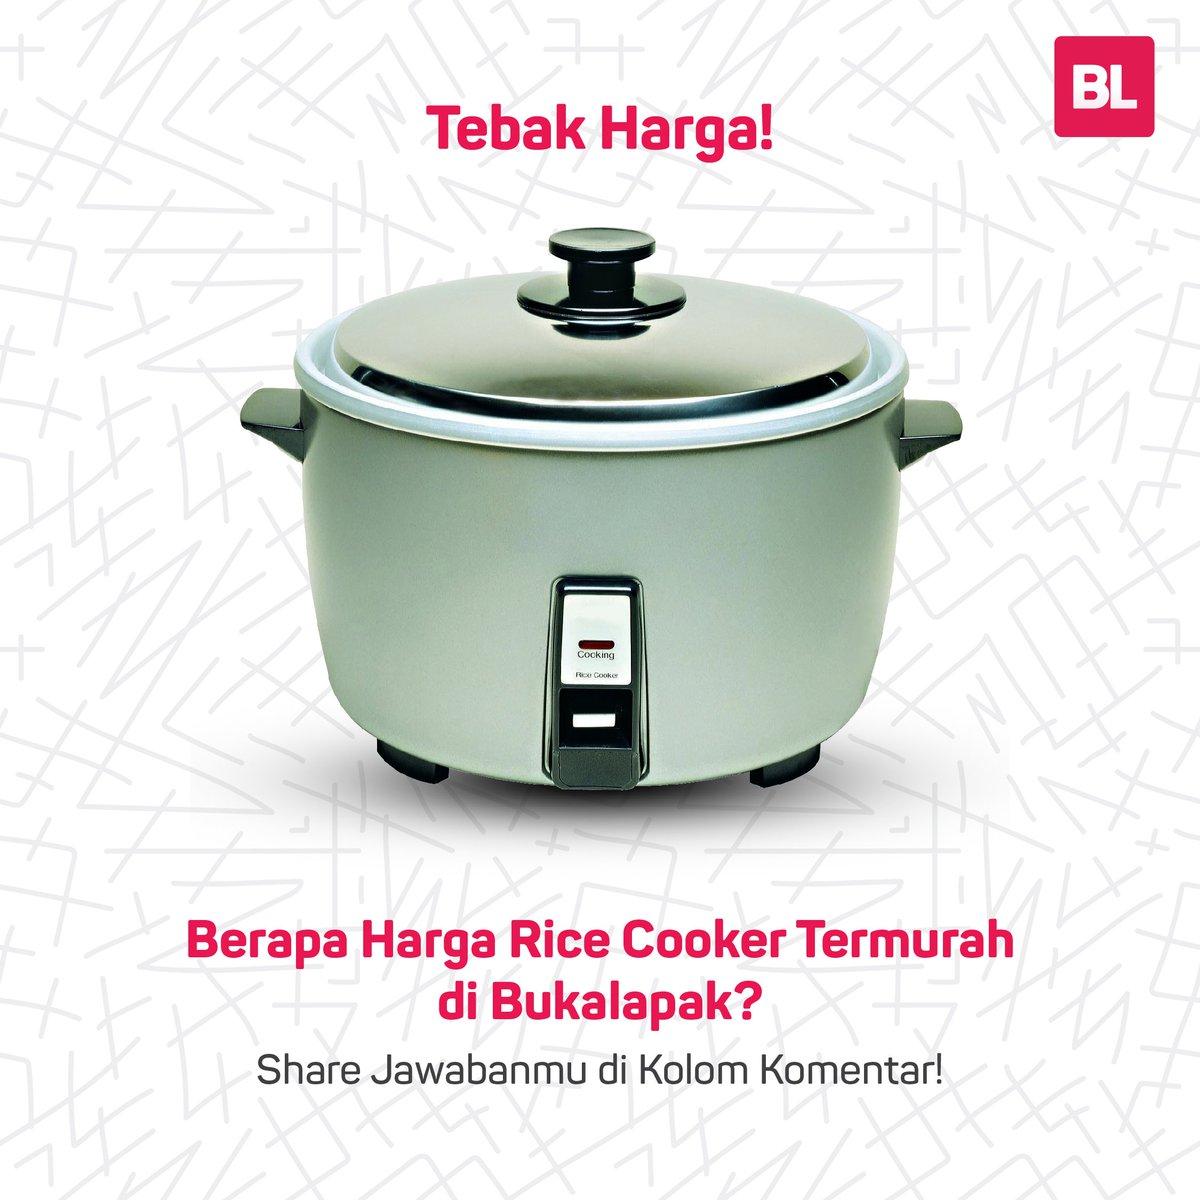 Bukalapak On Twitter Temukan Jawabannya Dengan Ketik Rice Cooker Di Kolom Pencarian Lalu Urutkan Produk Berdasarkan Harga Termurah